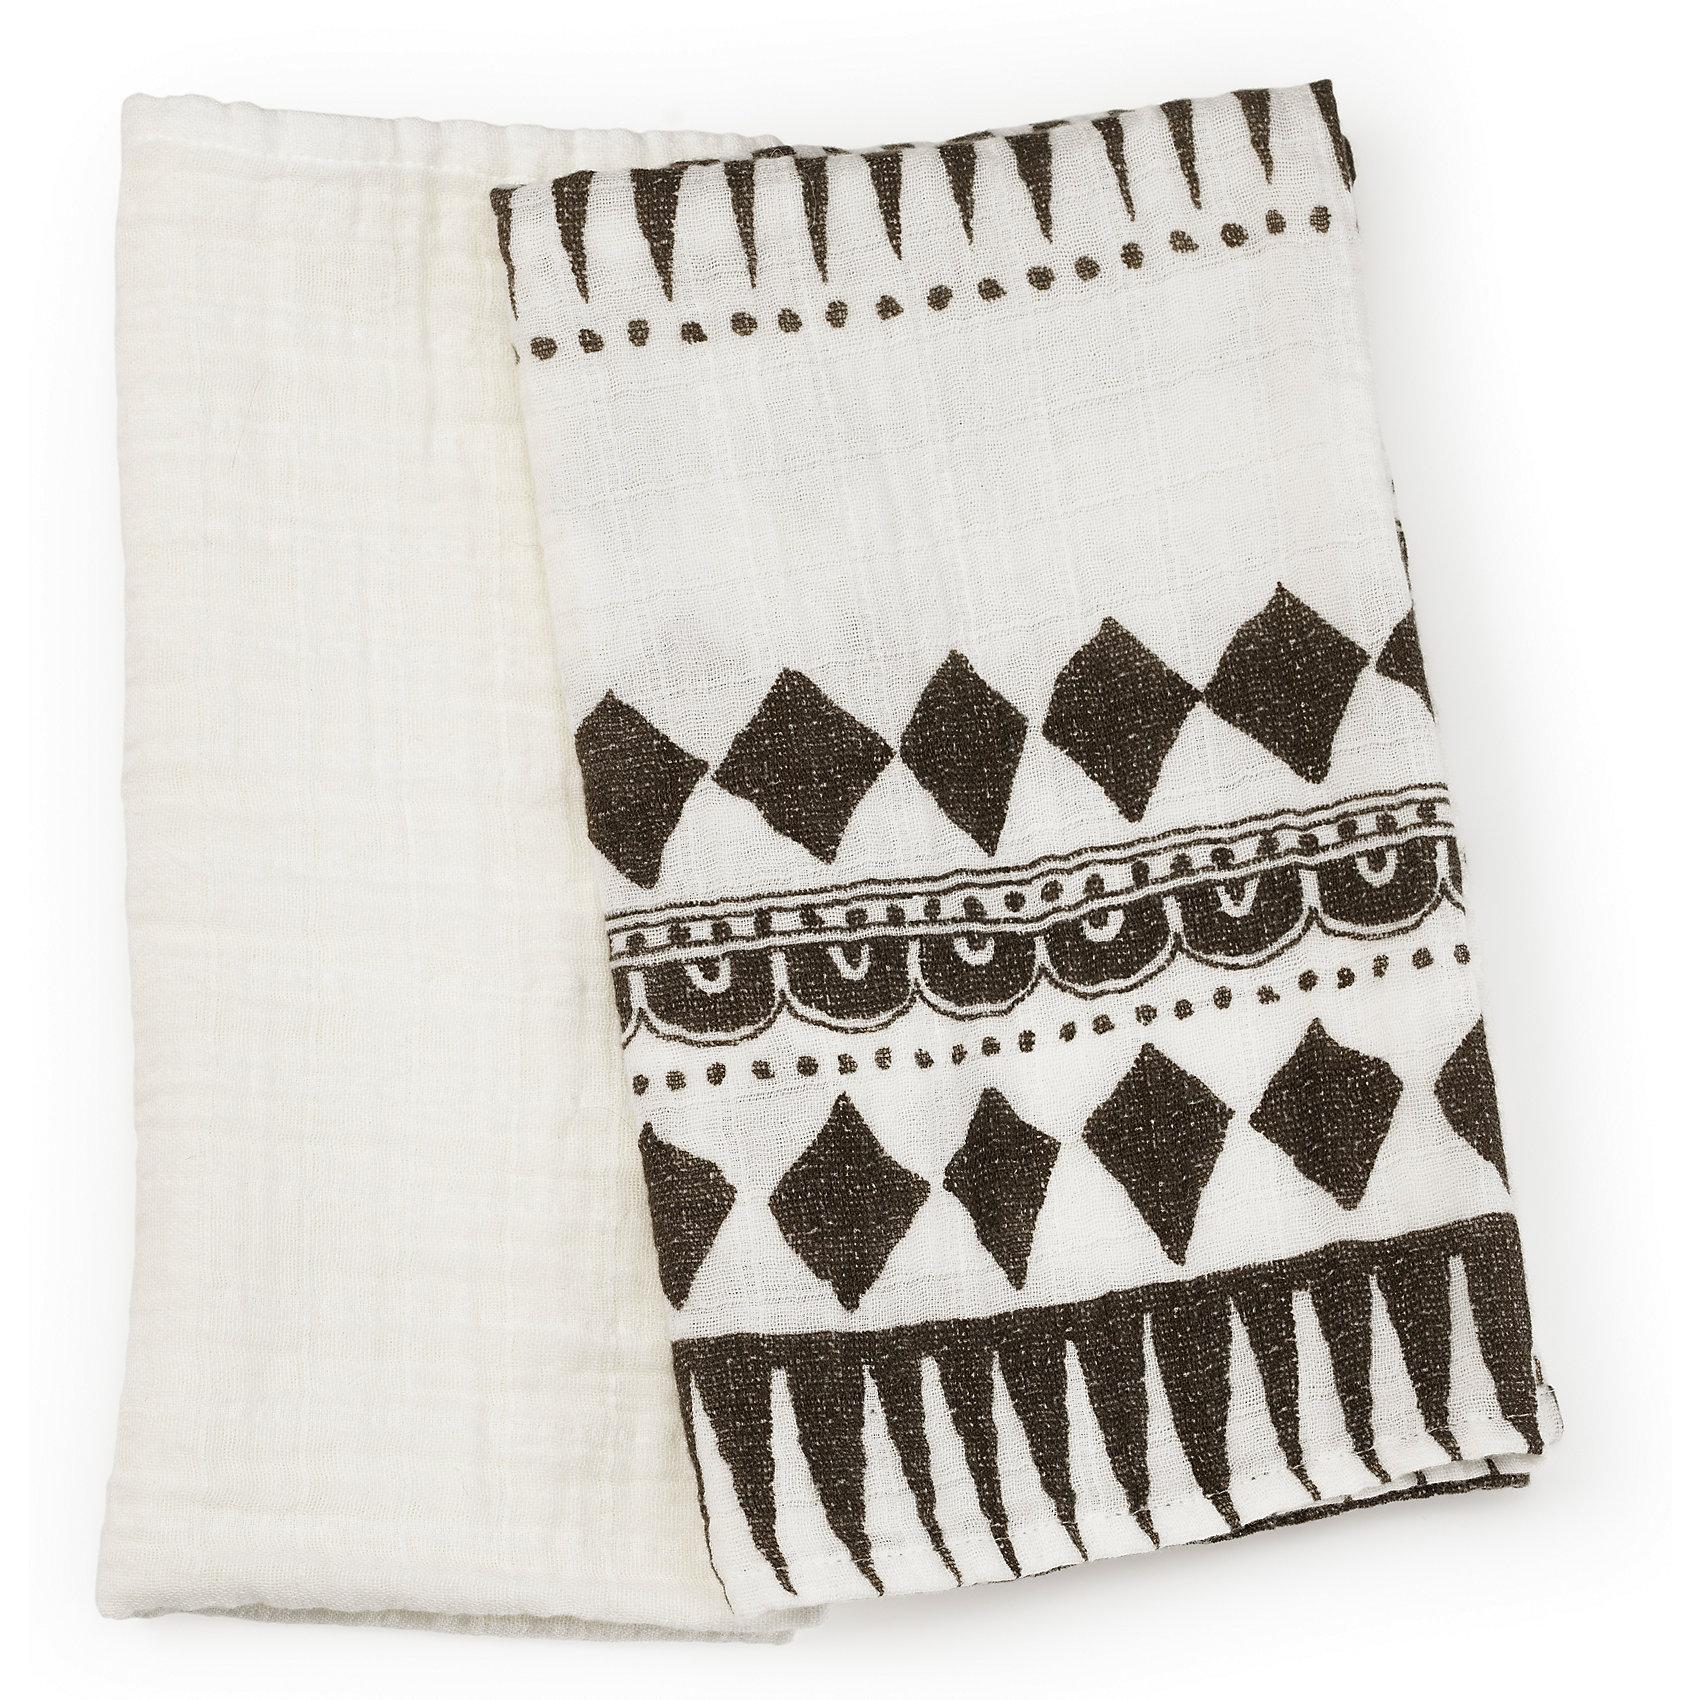 Плед Graphic Devotion, Elodie Details, бамбукПостельное бельё<br>Плед Graphic Devotion, Elodie Details (Элоди Дитейлс), бамбук<br><br>Характеристики:<br><br>• дизайн в марокканском стиле<br>• пропускает воздух<br>• размер: 78х78 см<br>• материал: 30% бамбуковое волокно, 70% хлопок<br>• размер упаковки: 43х2,5х20см<br>• вес: 185 грамм<br><br>Стильный плед Graphic Devotion, выполненный в чёрном и белом цветах, согреет малыша и прохладную погоду. Вы сможете накрыть малыша в коляске или постелить плед во время отдыха на природе. Плед из бамбука хорошо пропускает воздух и впитывает лишнюю влагу, позволяя малышу отдыхать с комфортом.<br><br>Плед Graphic Devotion, Elodie Details (Элоди Дитейлс), бамбук можно купить в нашем интернет-магазине.<br><br>Ширина мм: 200<br>Глубина мм: 25<br>Высота мм: 430<br>Вес г: 185<br>Возраст от месяцев: 0<br>Возраст до месяцев: 12<br>Пол: Унисекс<br>Возраст: Детский<br>SKU: 5613542